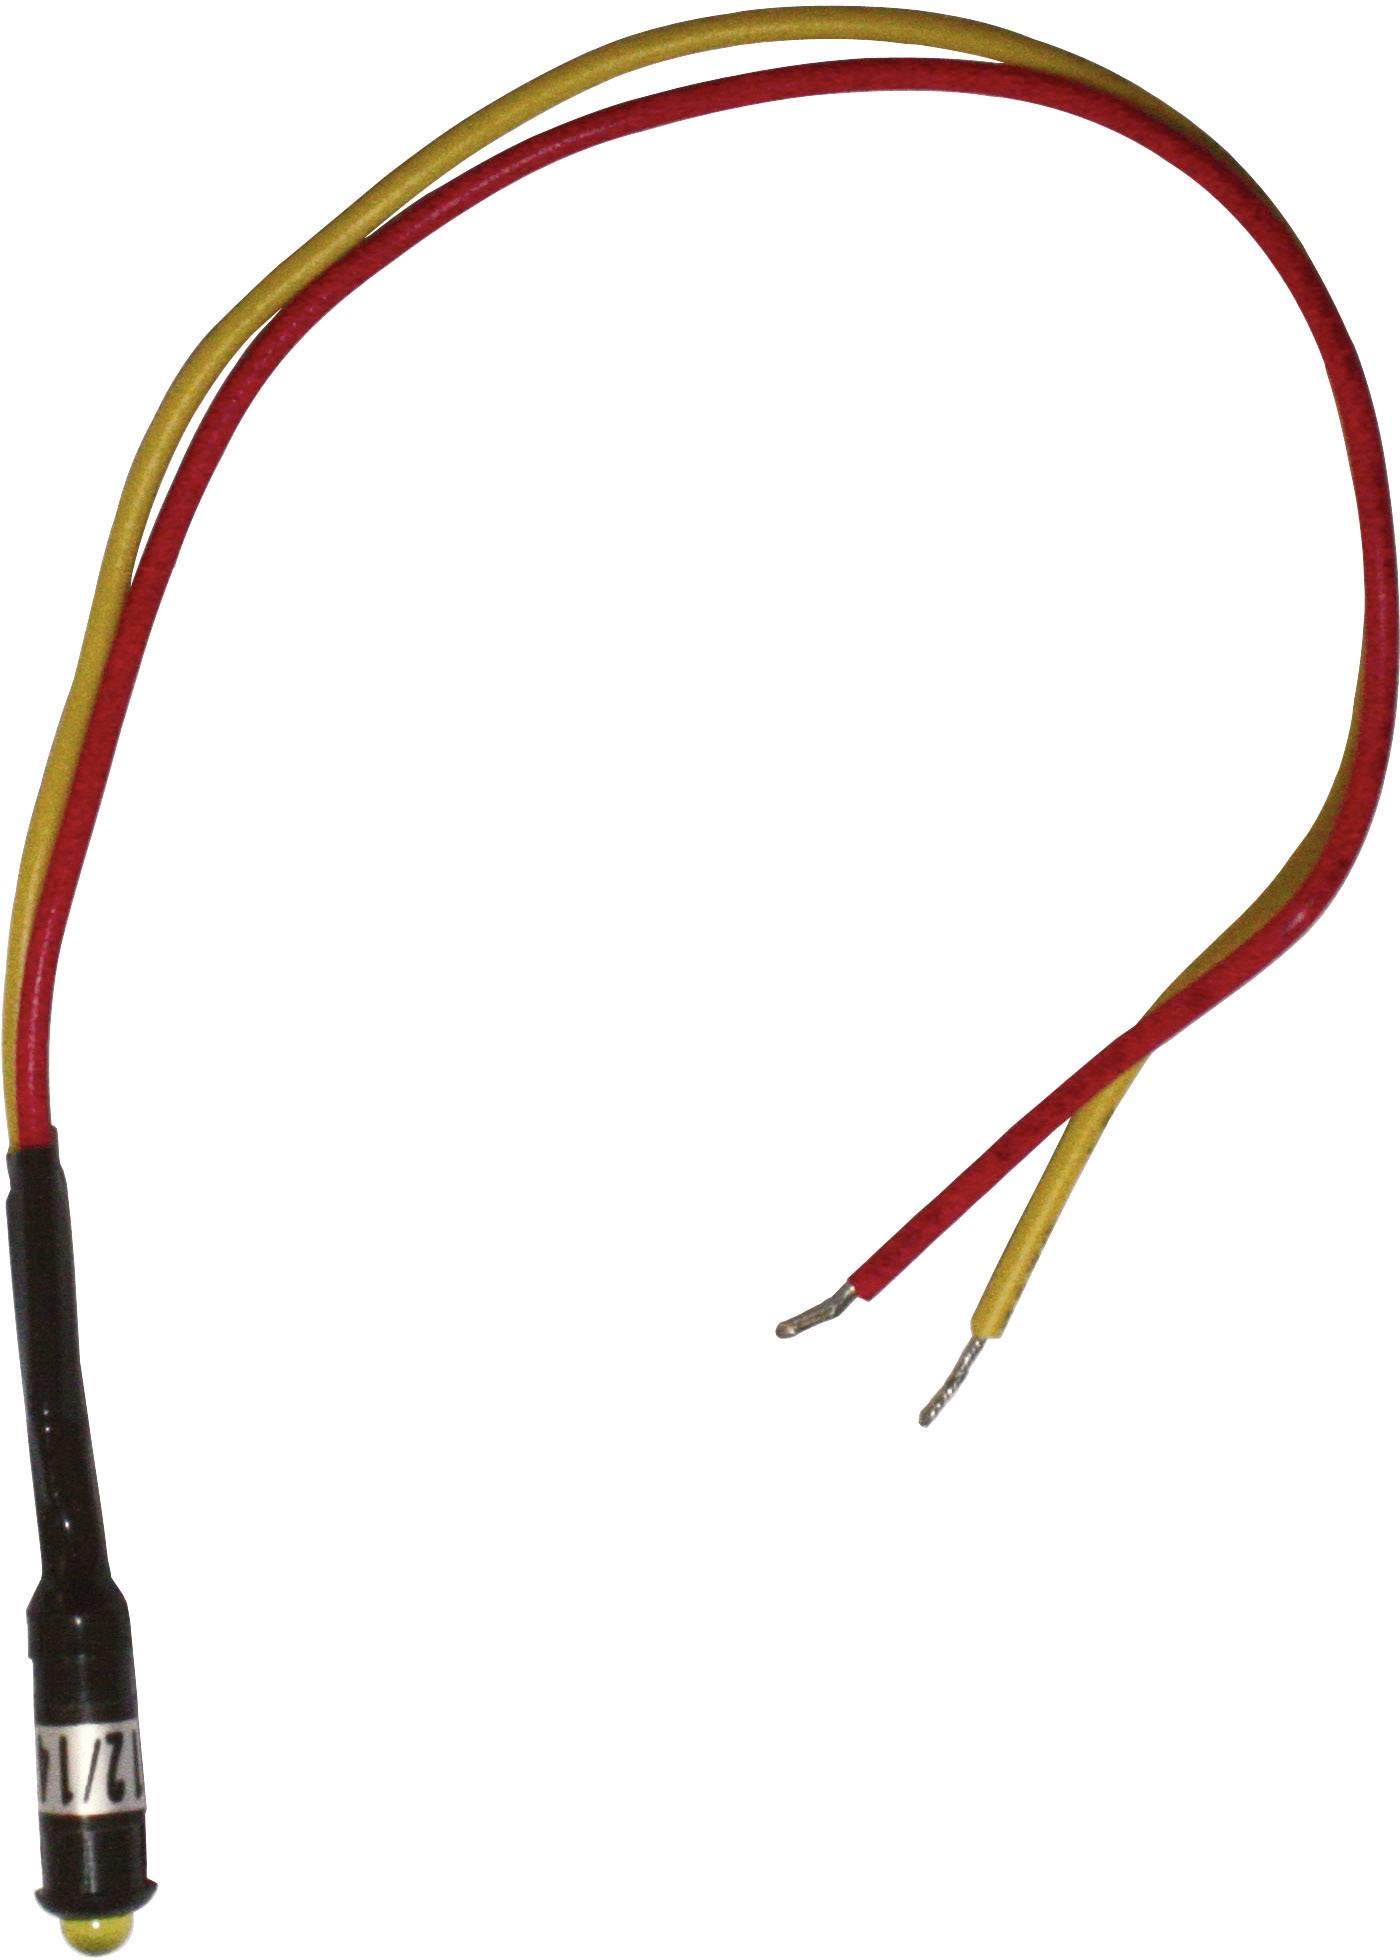 LED signálka Barthelme 52051411, 12 V/DC, červená